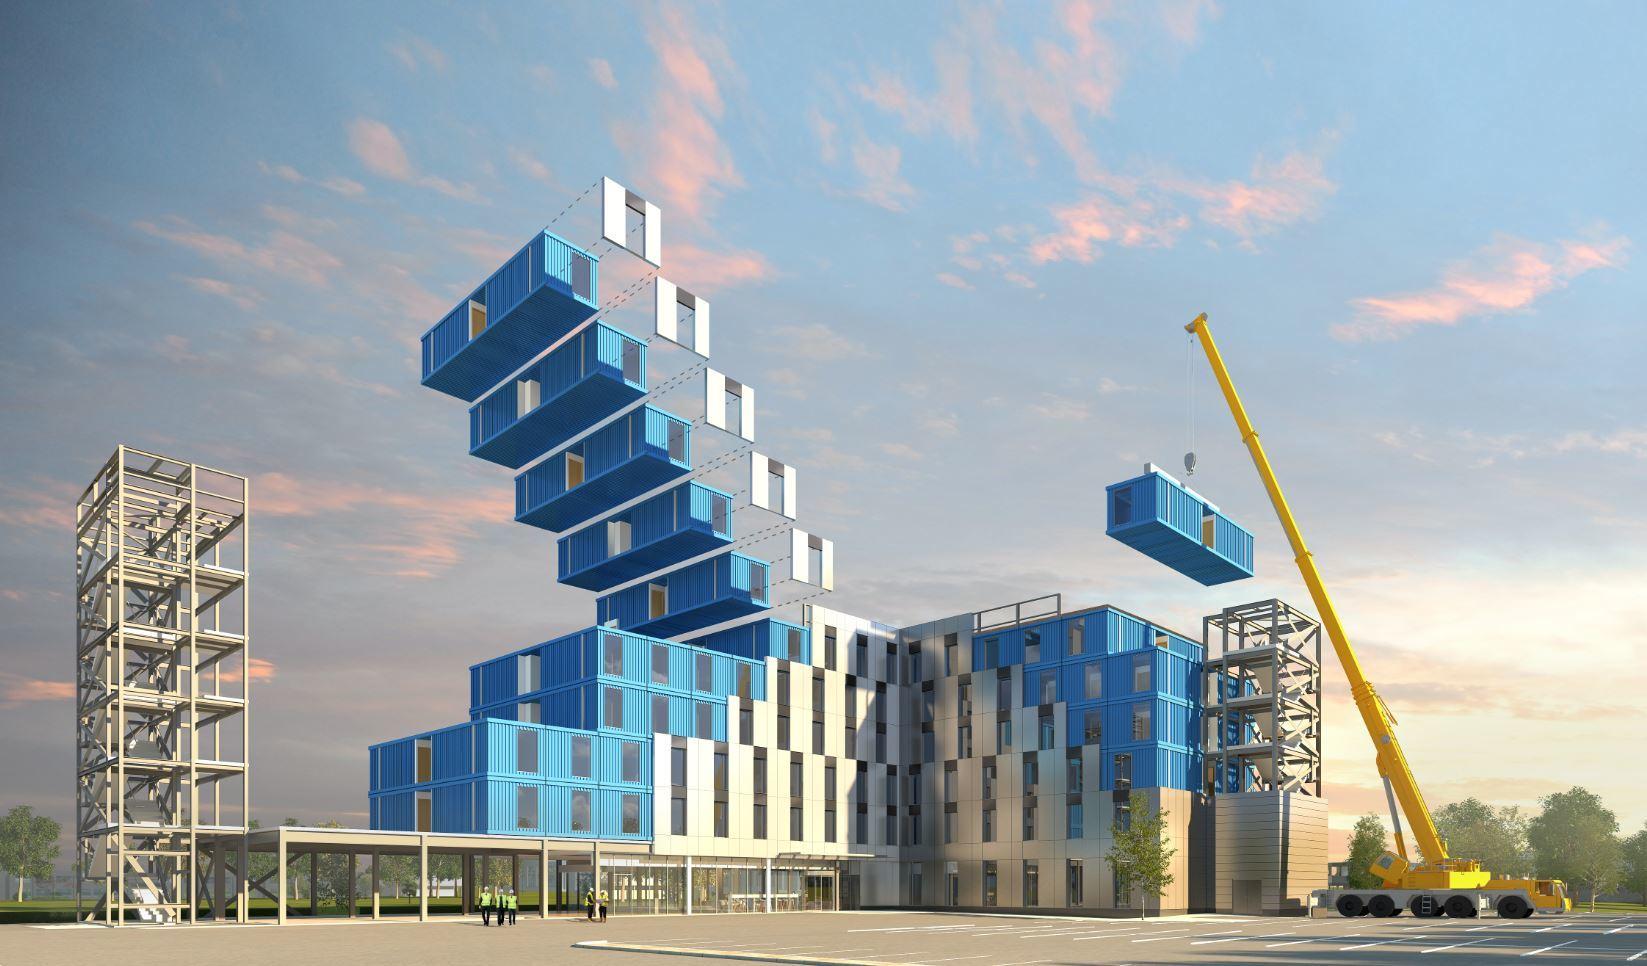 Construção modular: o que é, quais são os seus benefícios e como está sua utilização pelo mundo?